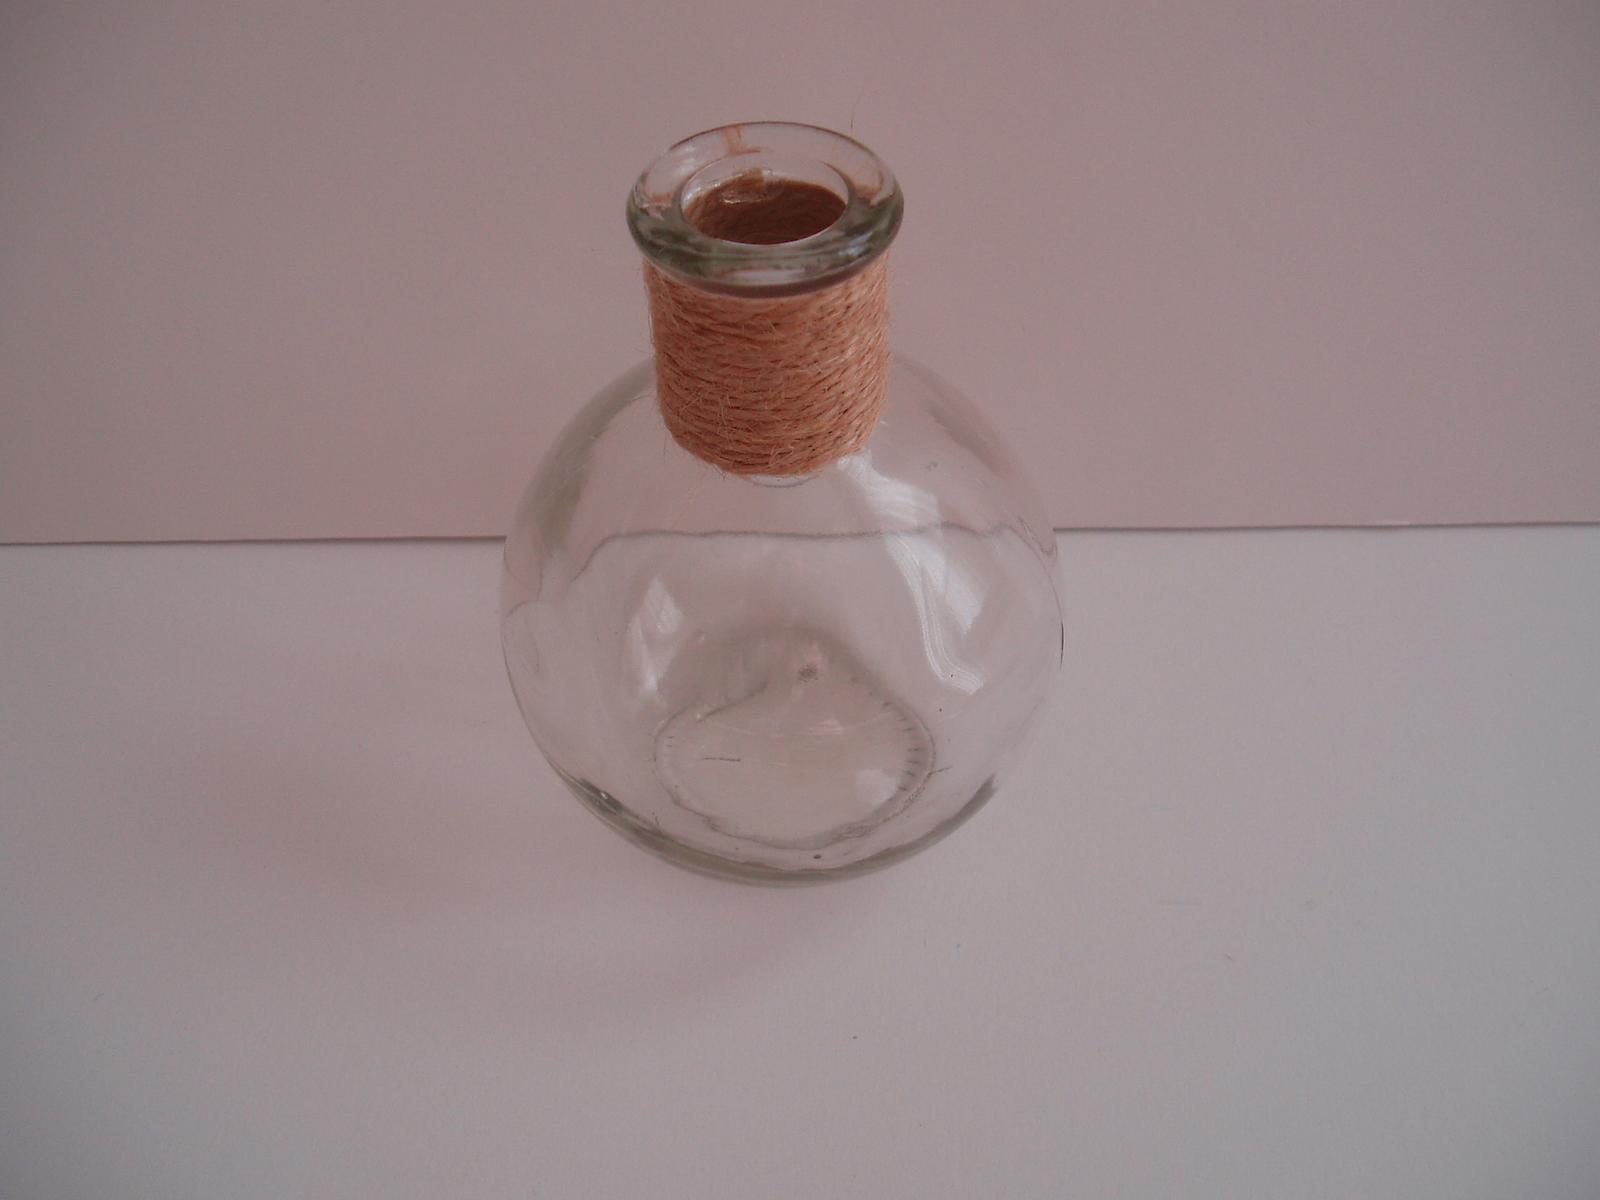 skleněná vázička - Obrázek č. 1